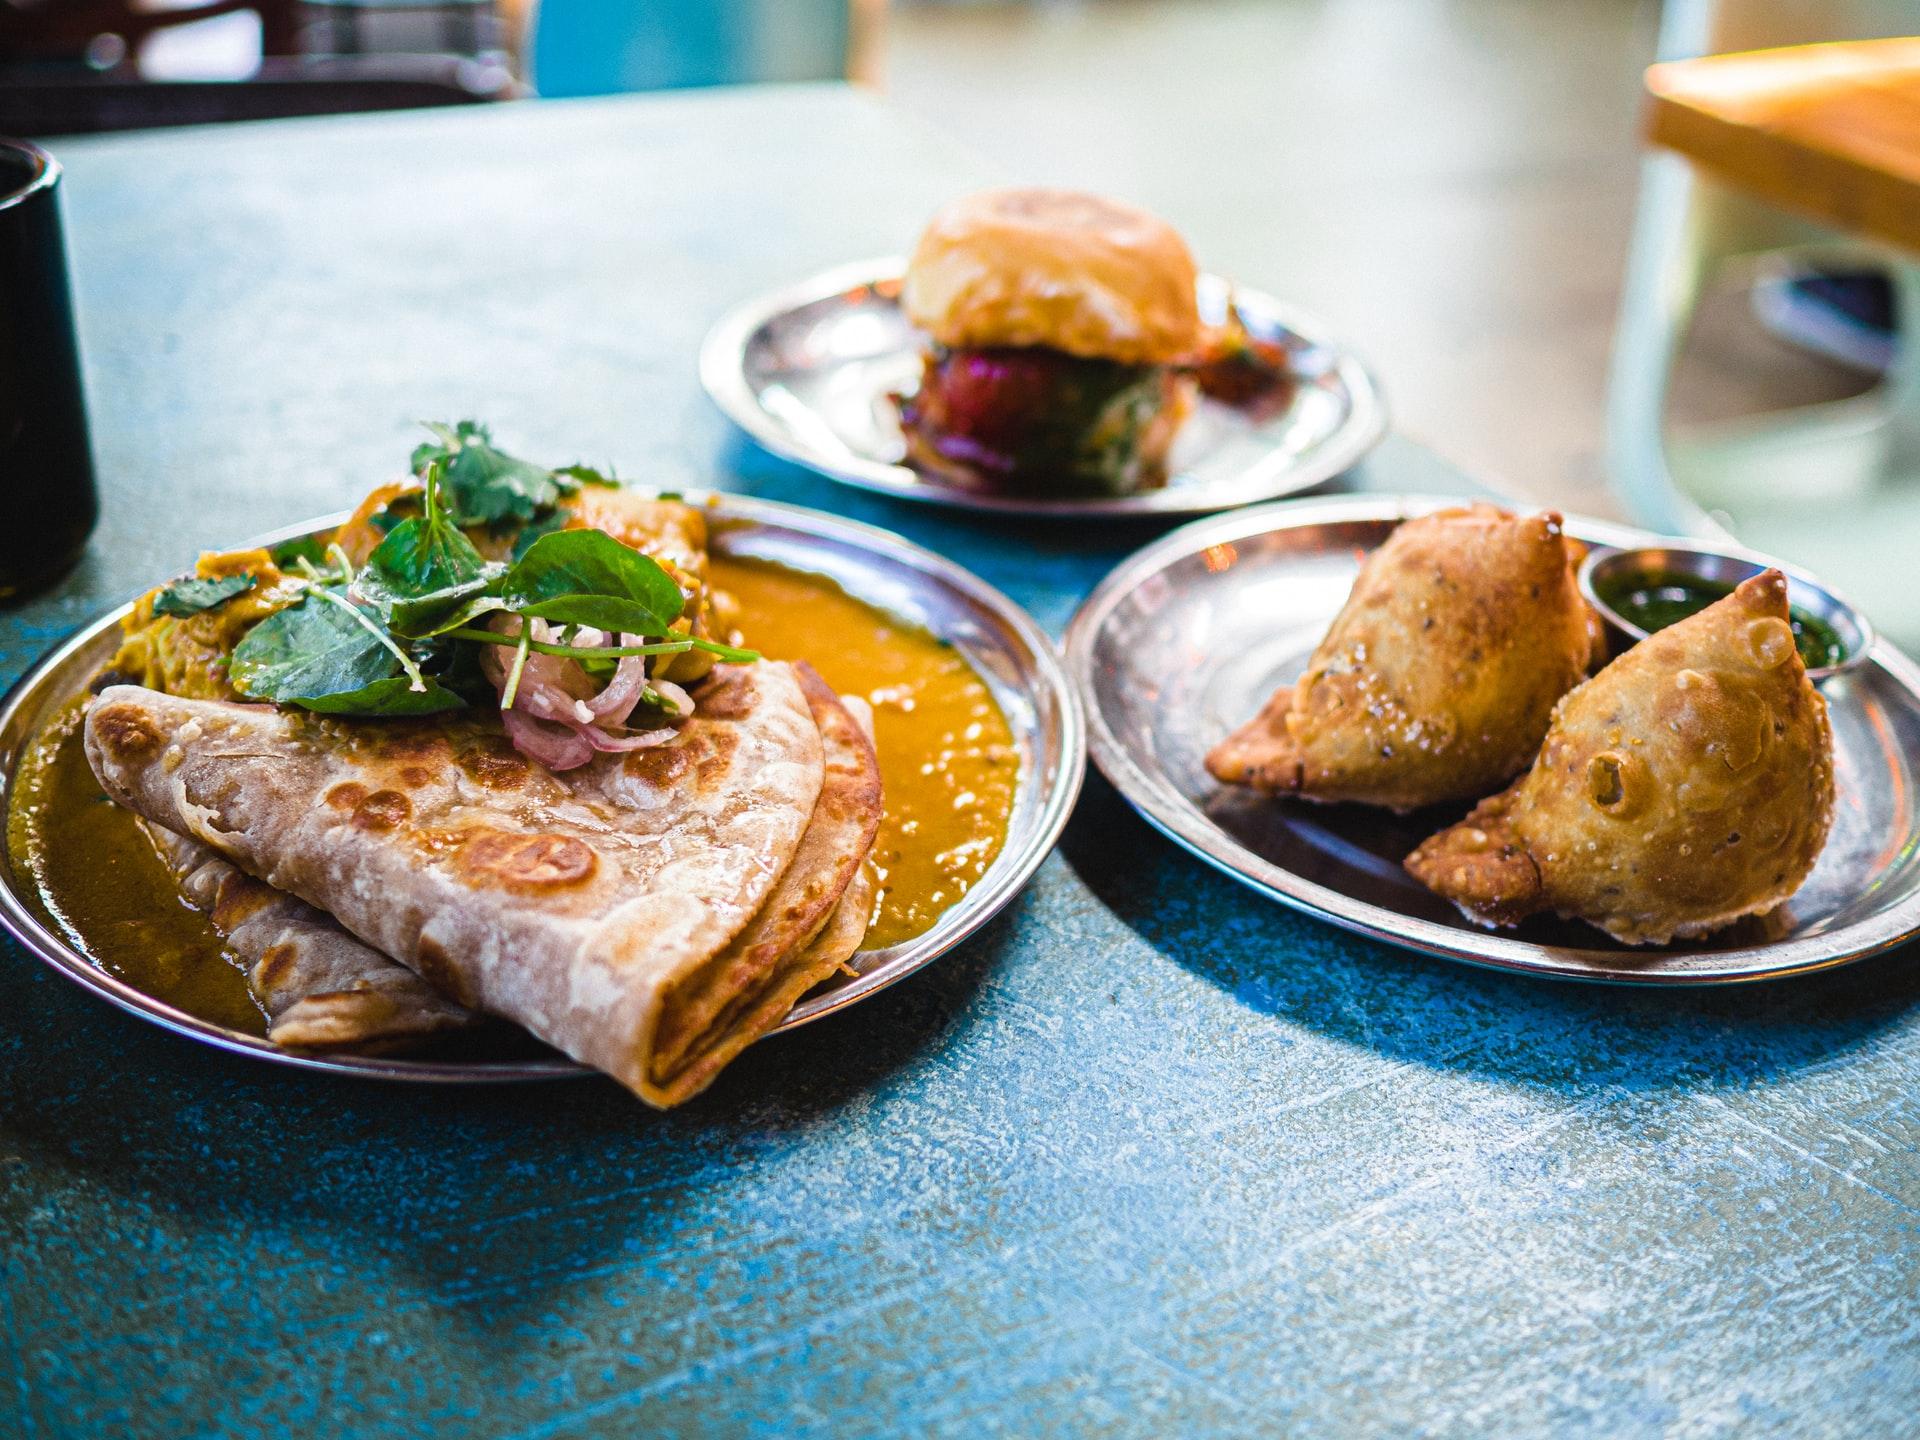 The 14 best Indian restaurants in Birmingham